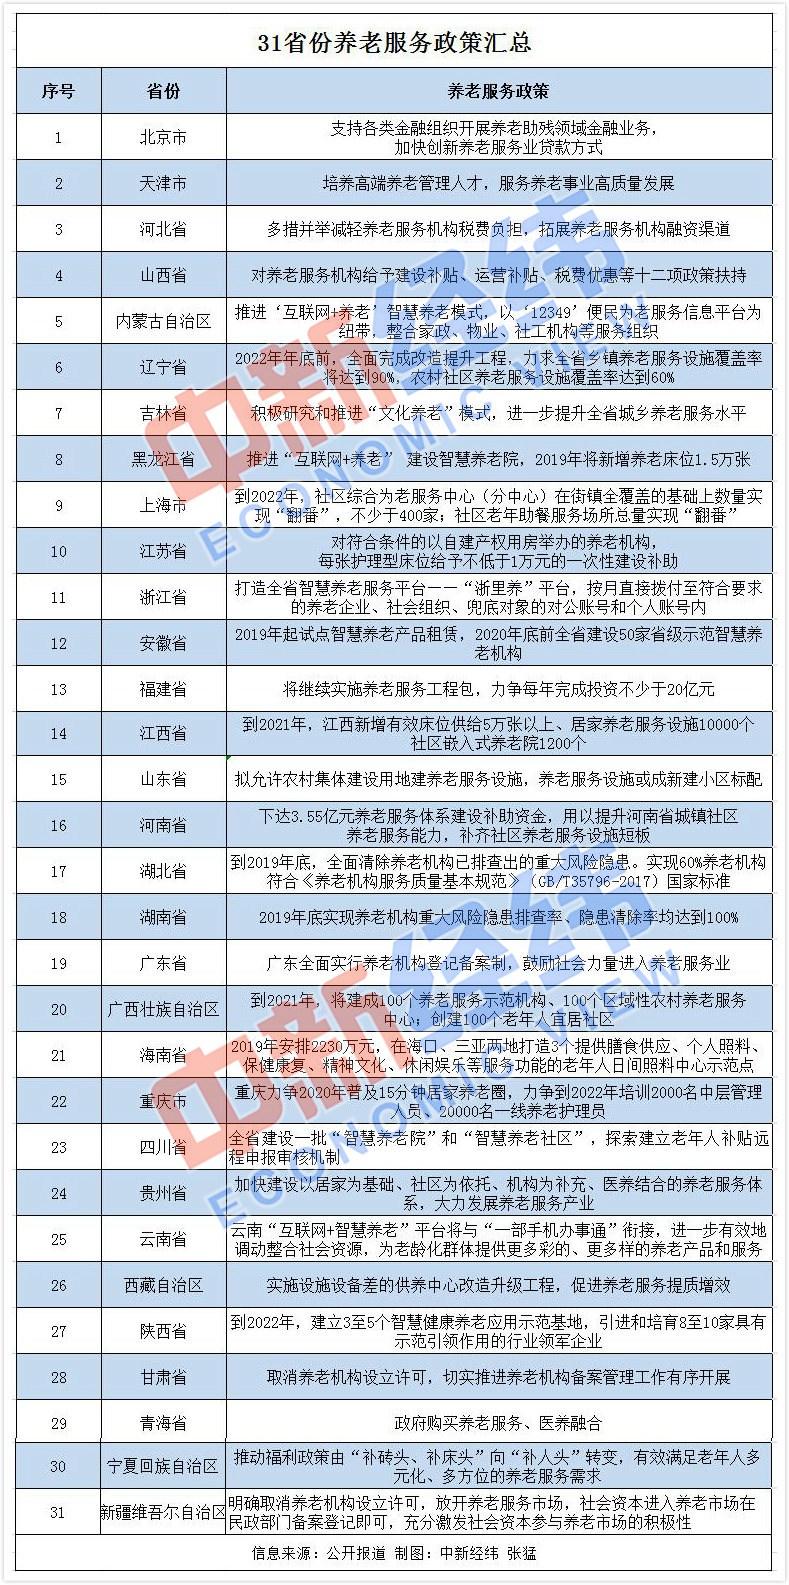 上海迪士尼赔了大学生50元 网友:改变了其流氓政策